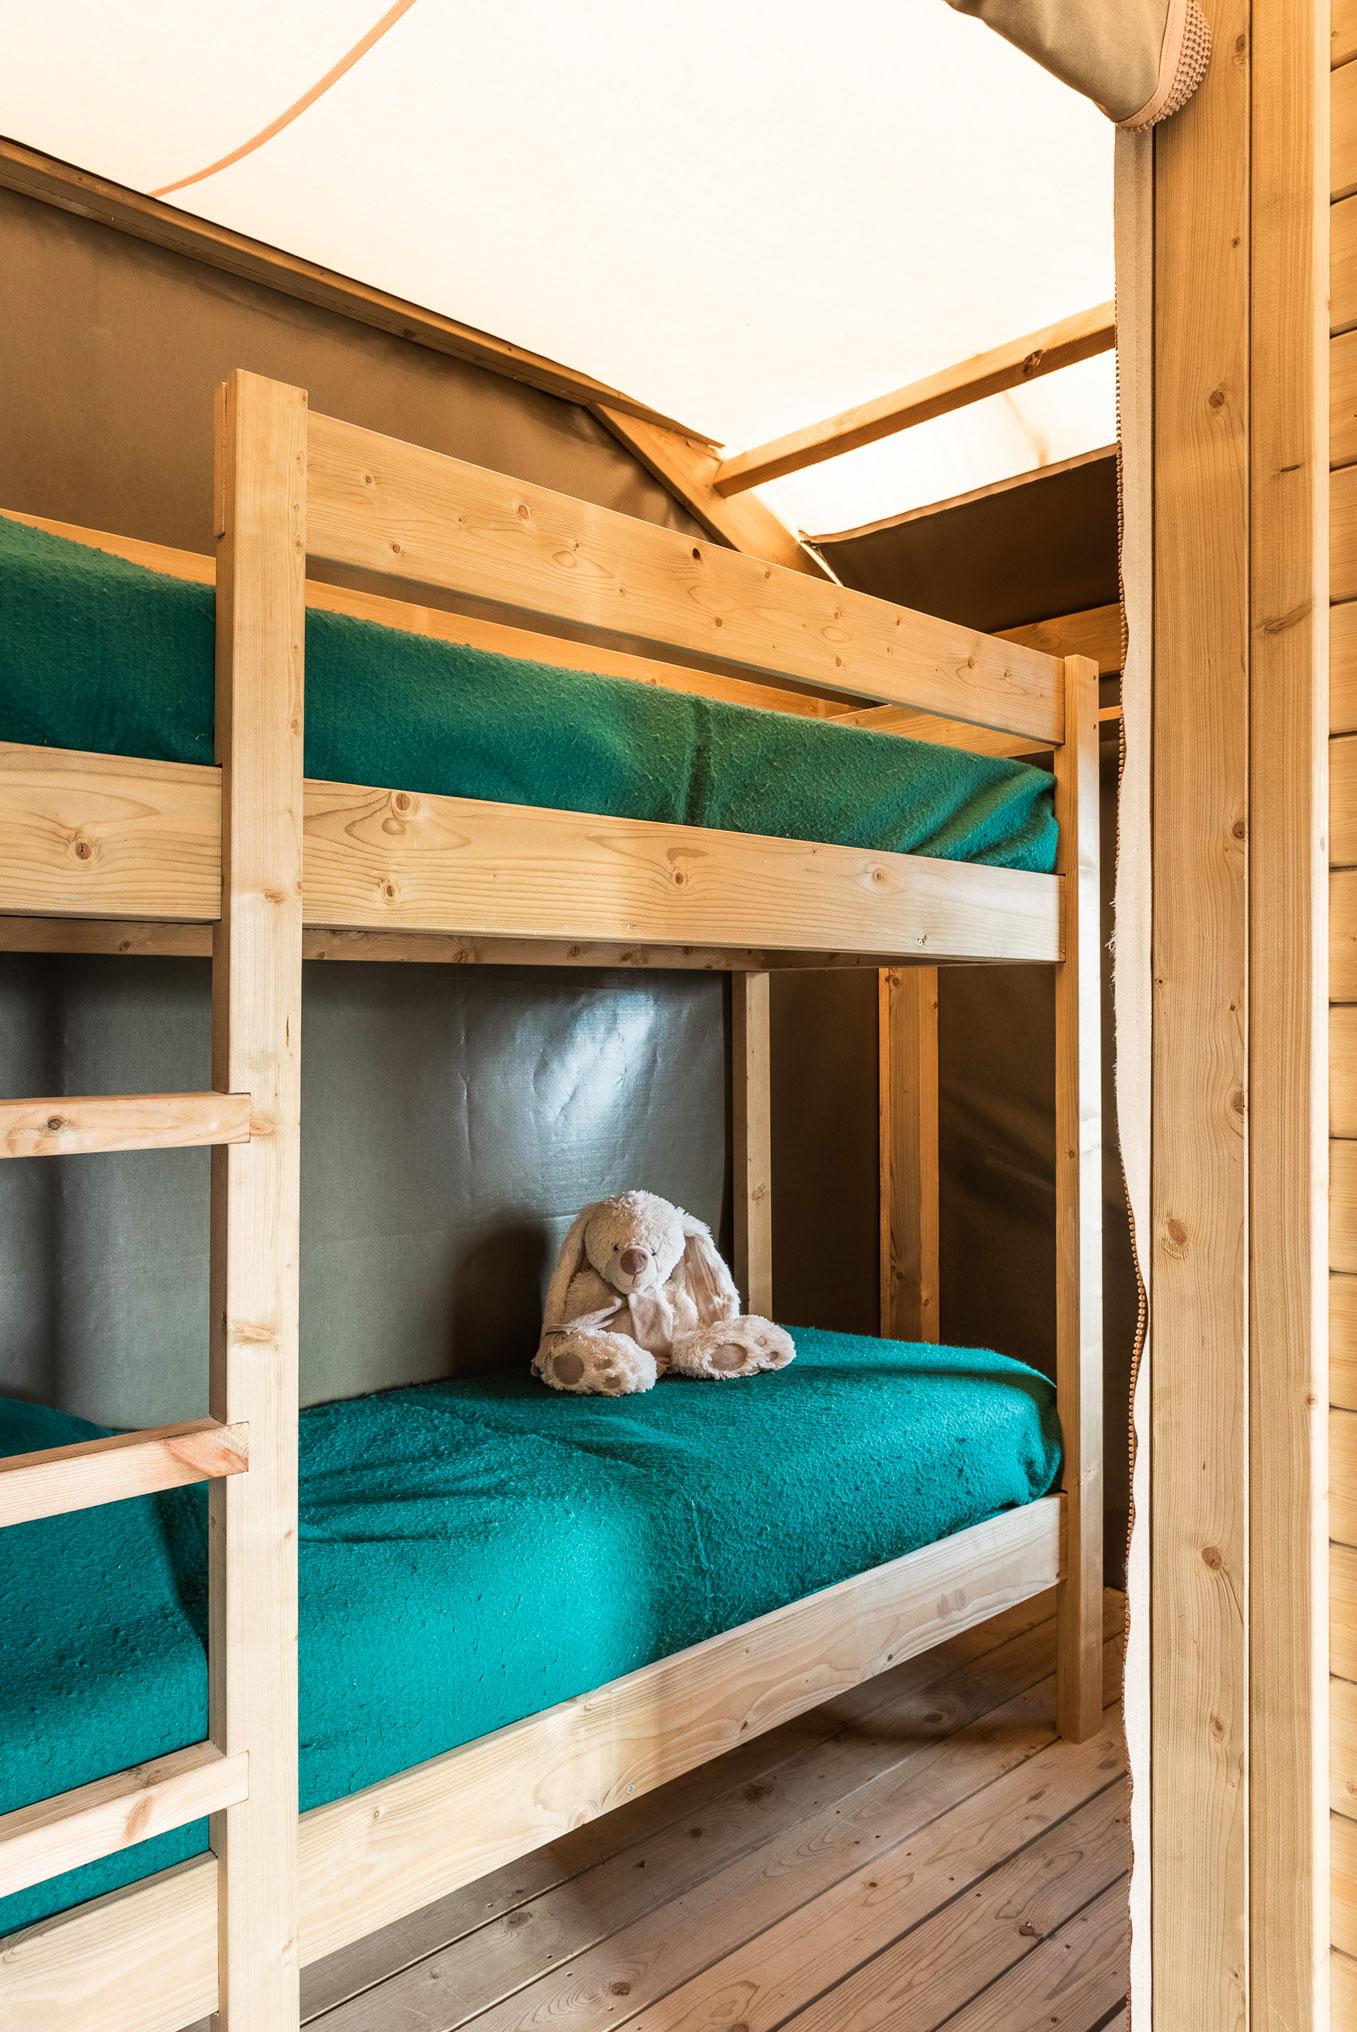 galerie-photos-location-tente-lodge-6-personnes-lits-superposes-camping-le-port-de-moricq